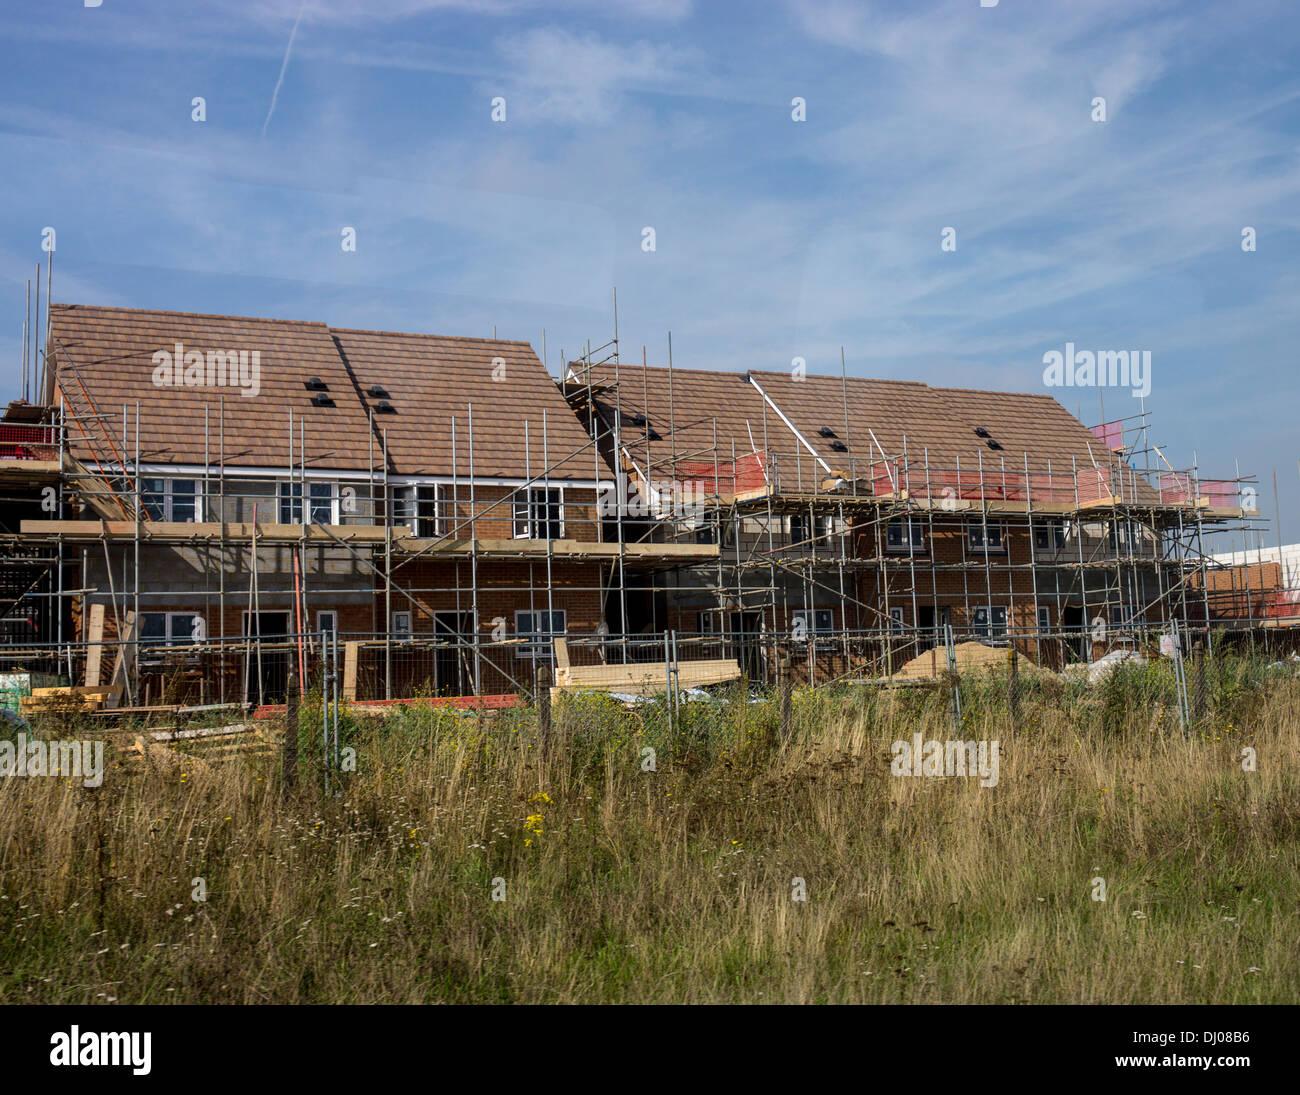 Neue Haus Häuser Bauen Gerüste Dächer Stockfoto, Bild